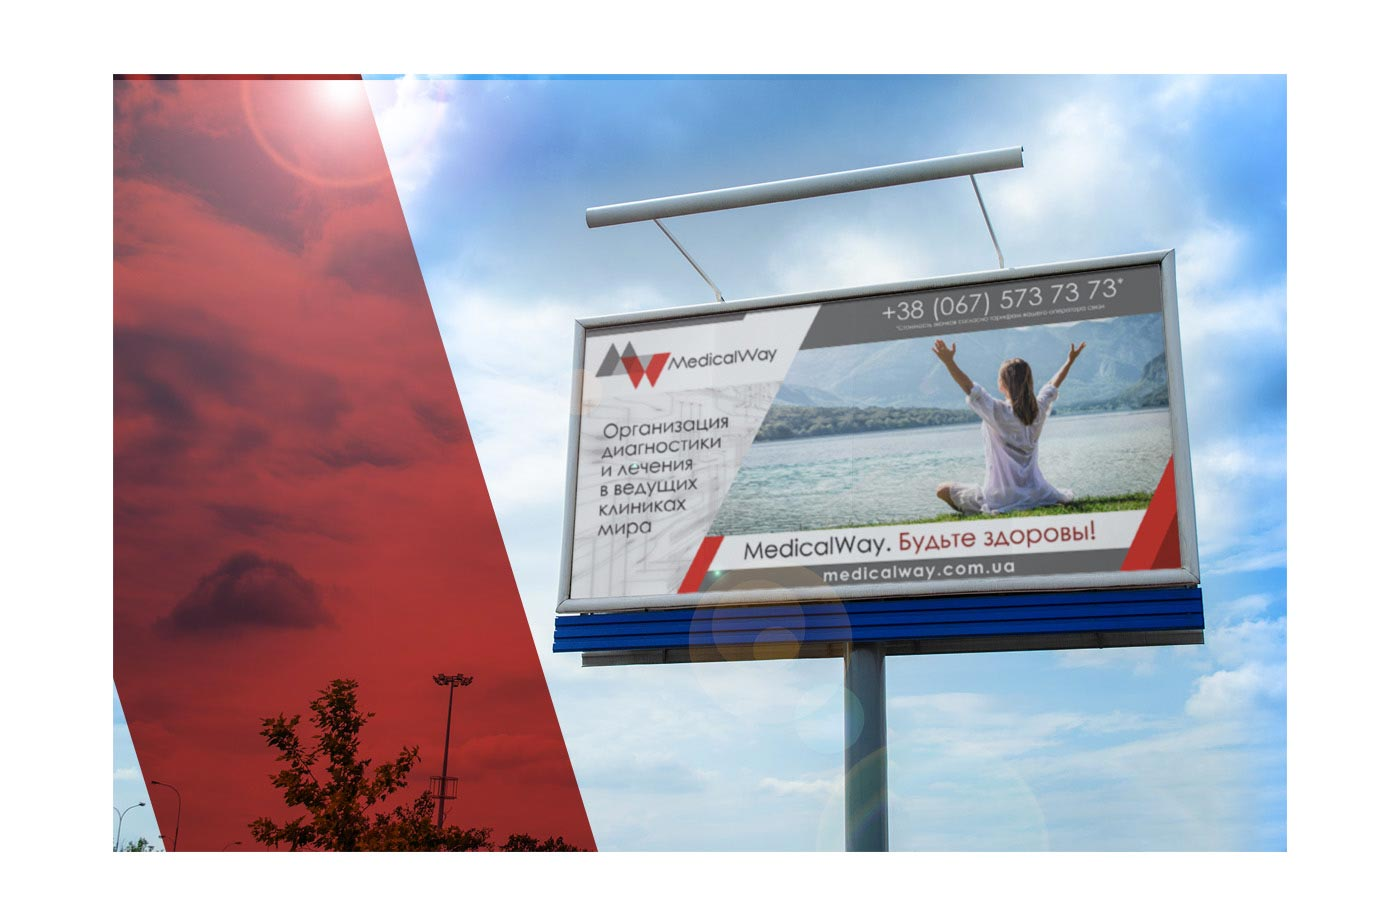 Наружная реклама для компании MedicalWay